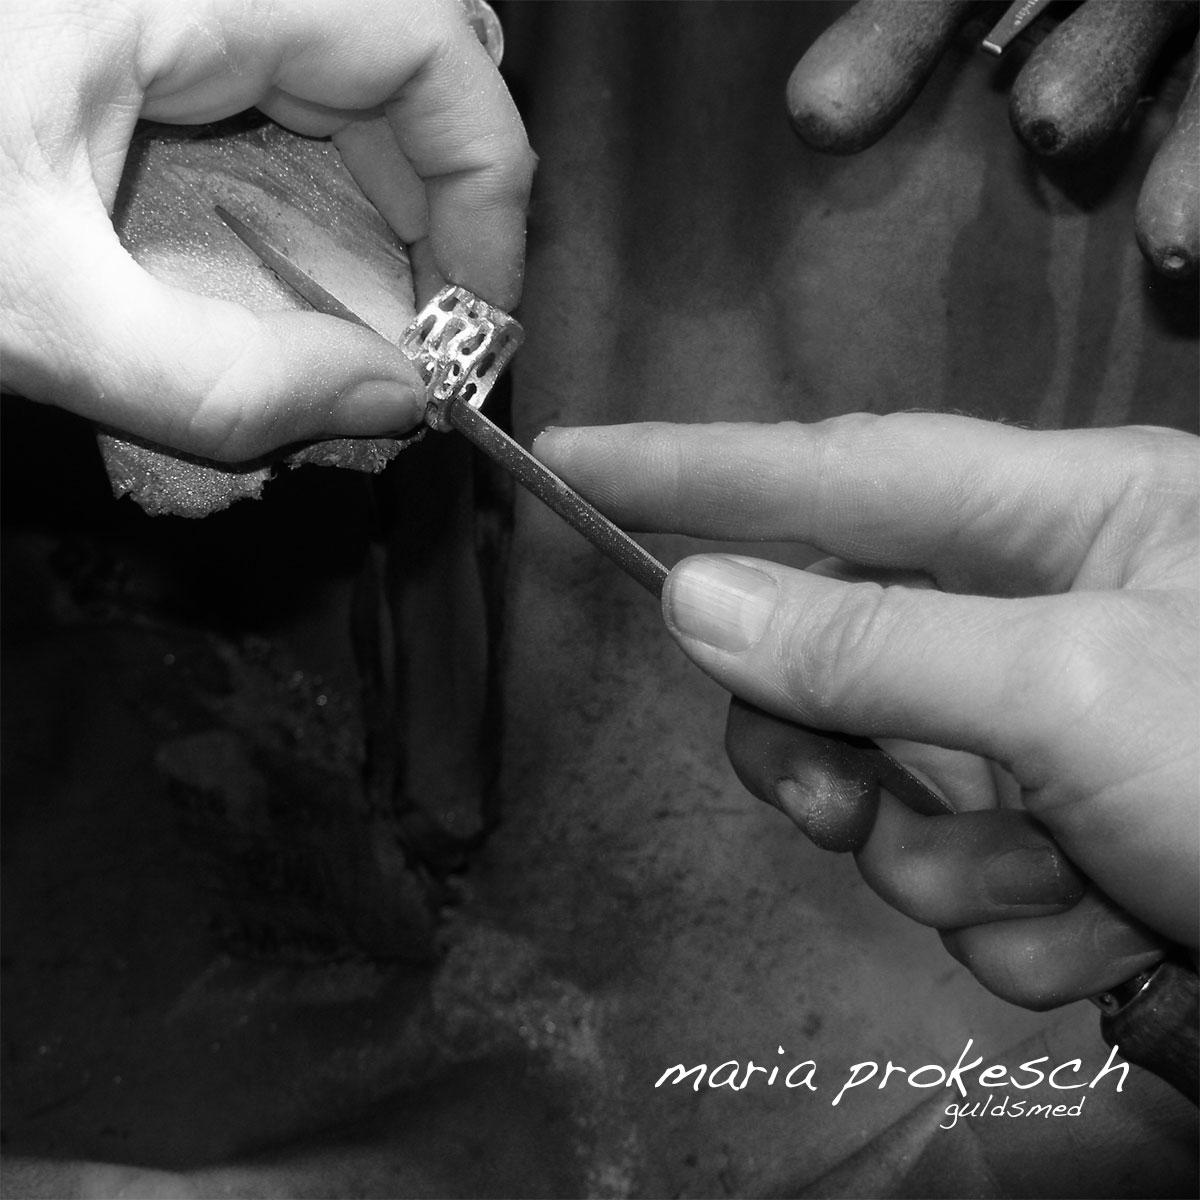 Håndlavede smykker med detaljer. På værkstedet arbejdes der med anderledes vielsesringe hvor de individuelle ønsker er vigtige.